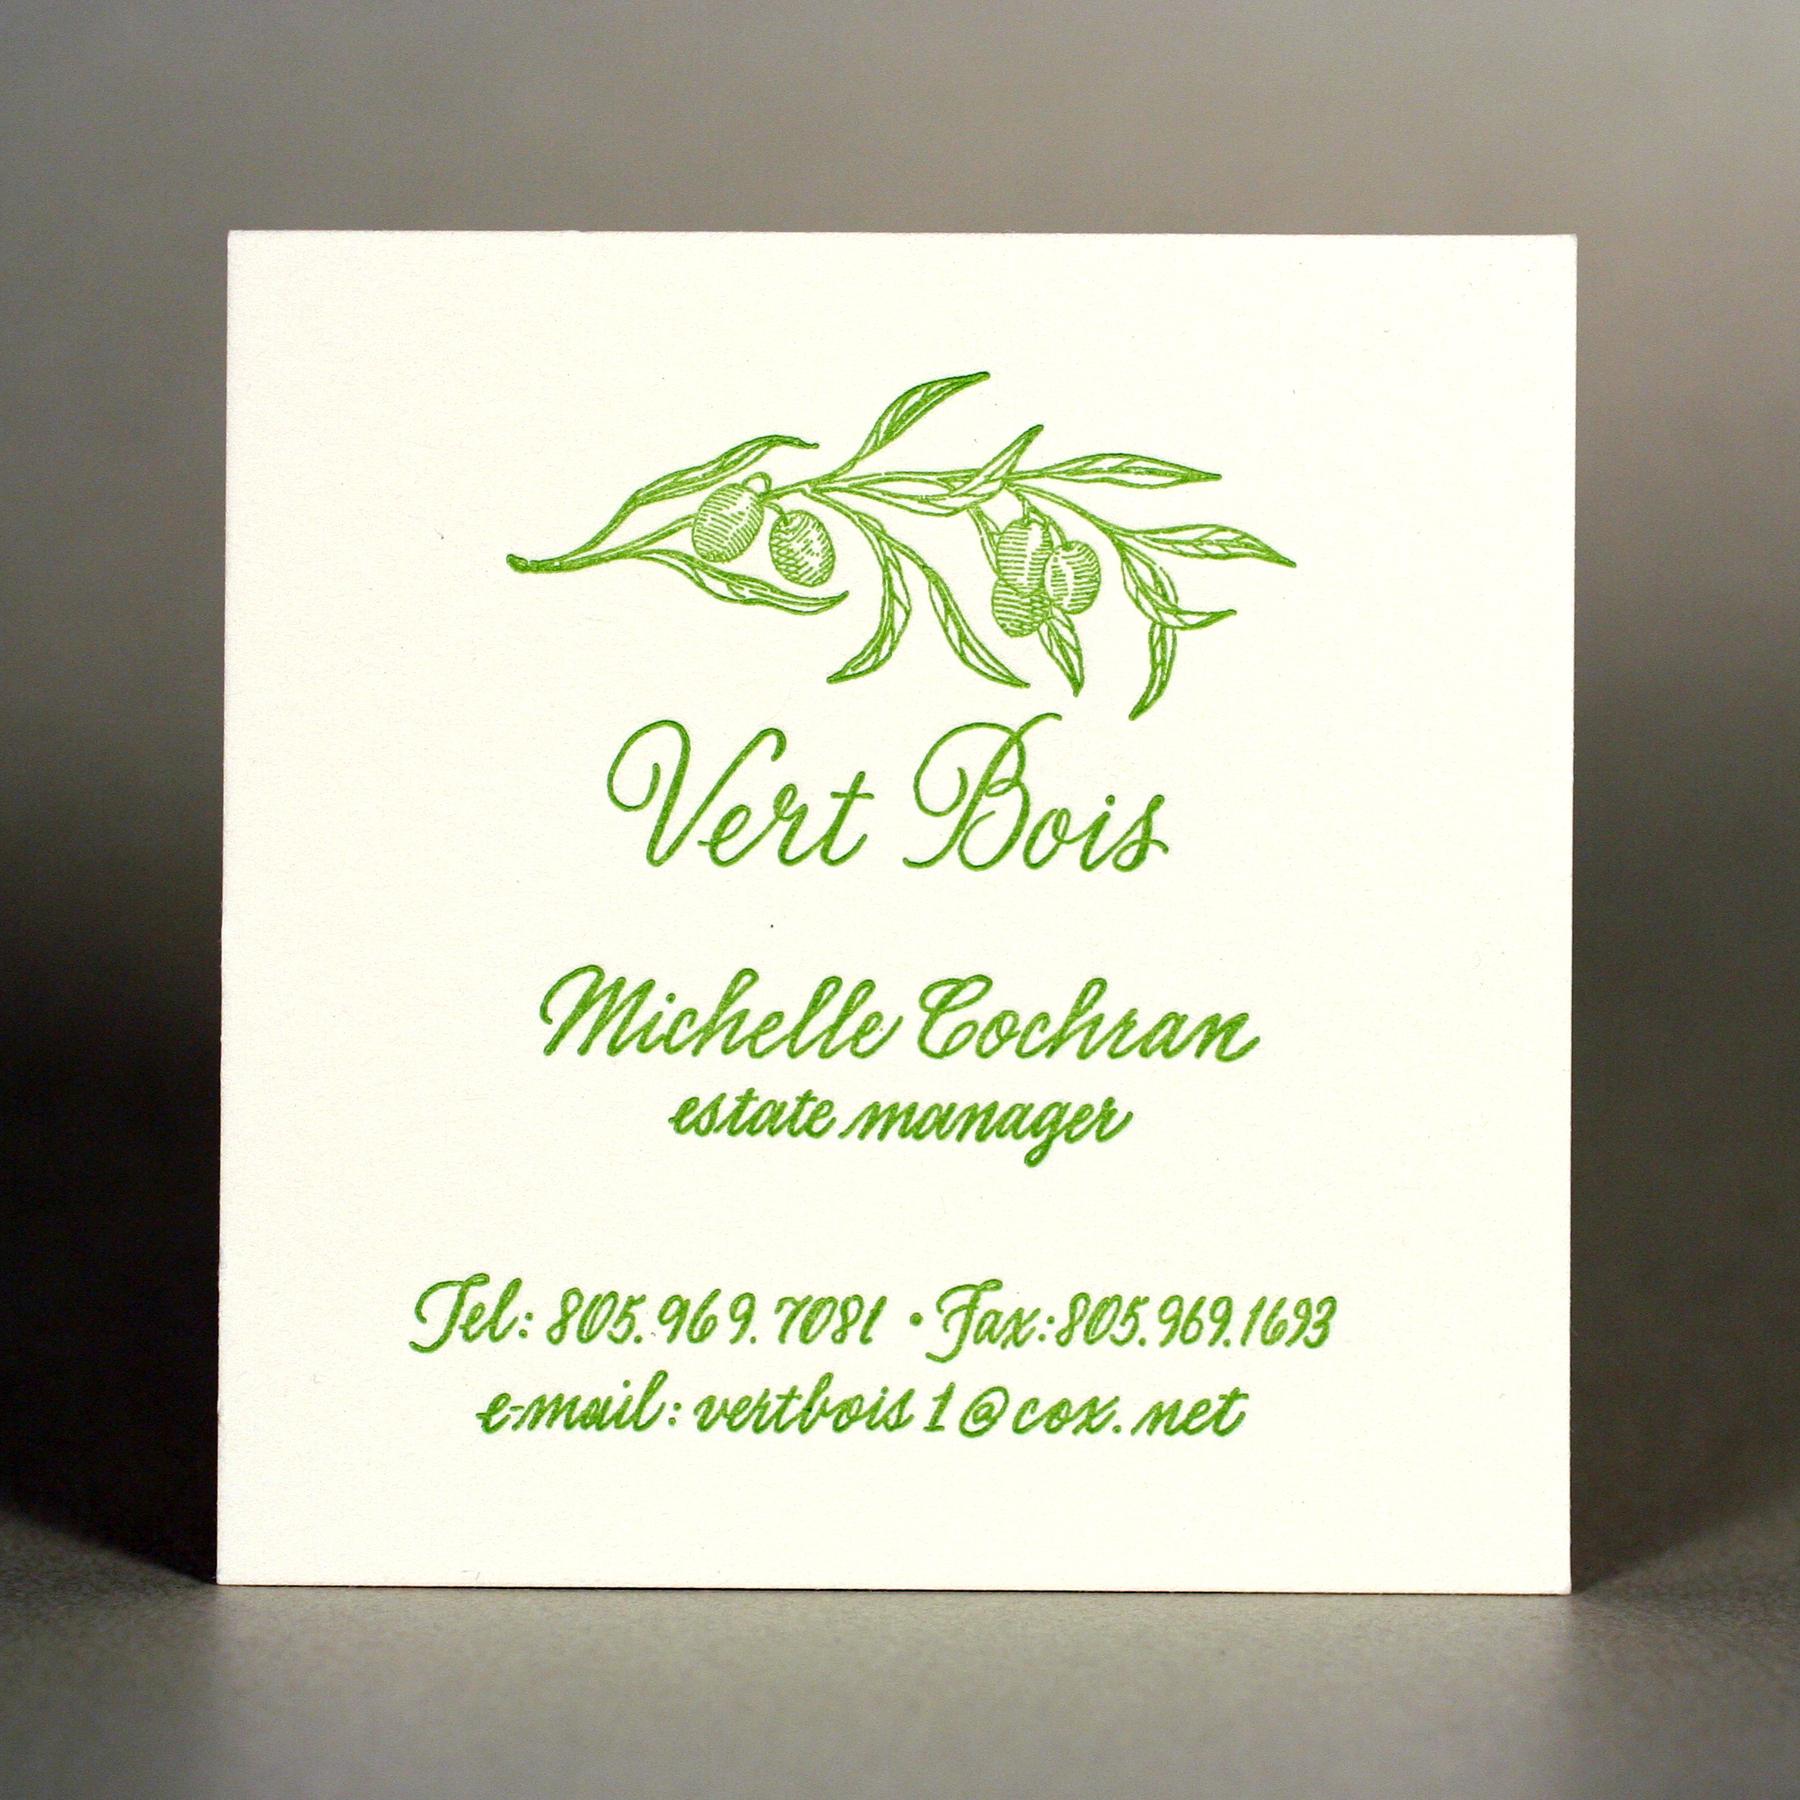 Vert Bois bixcard V.2017.jpg